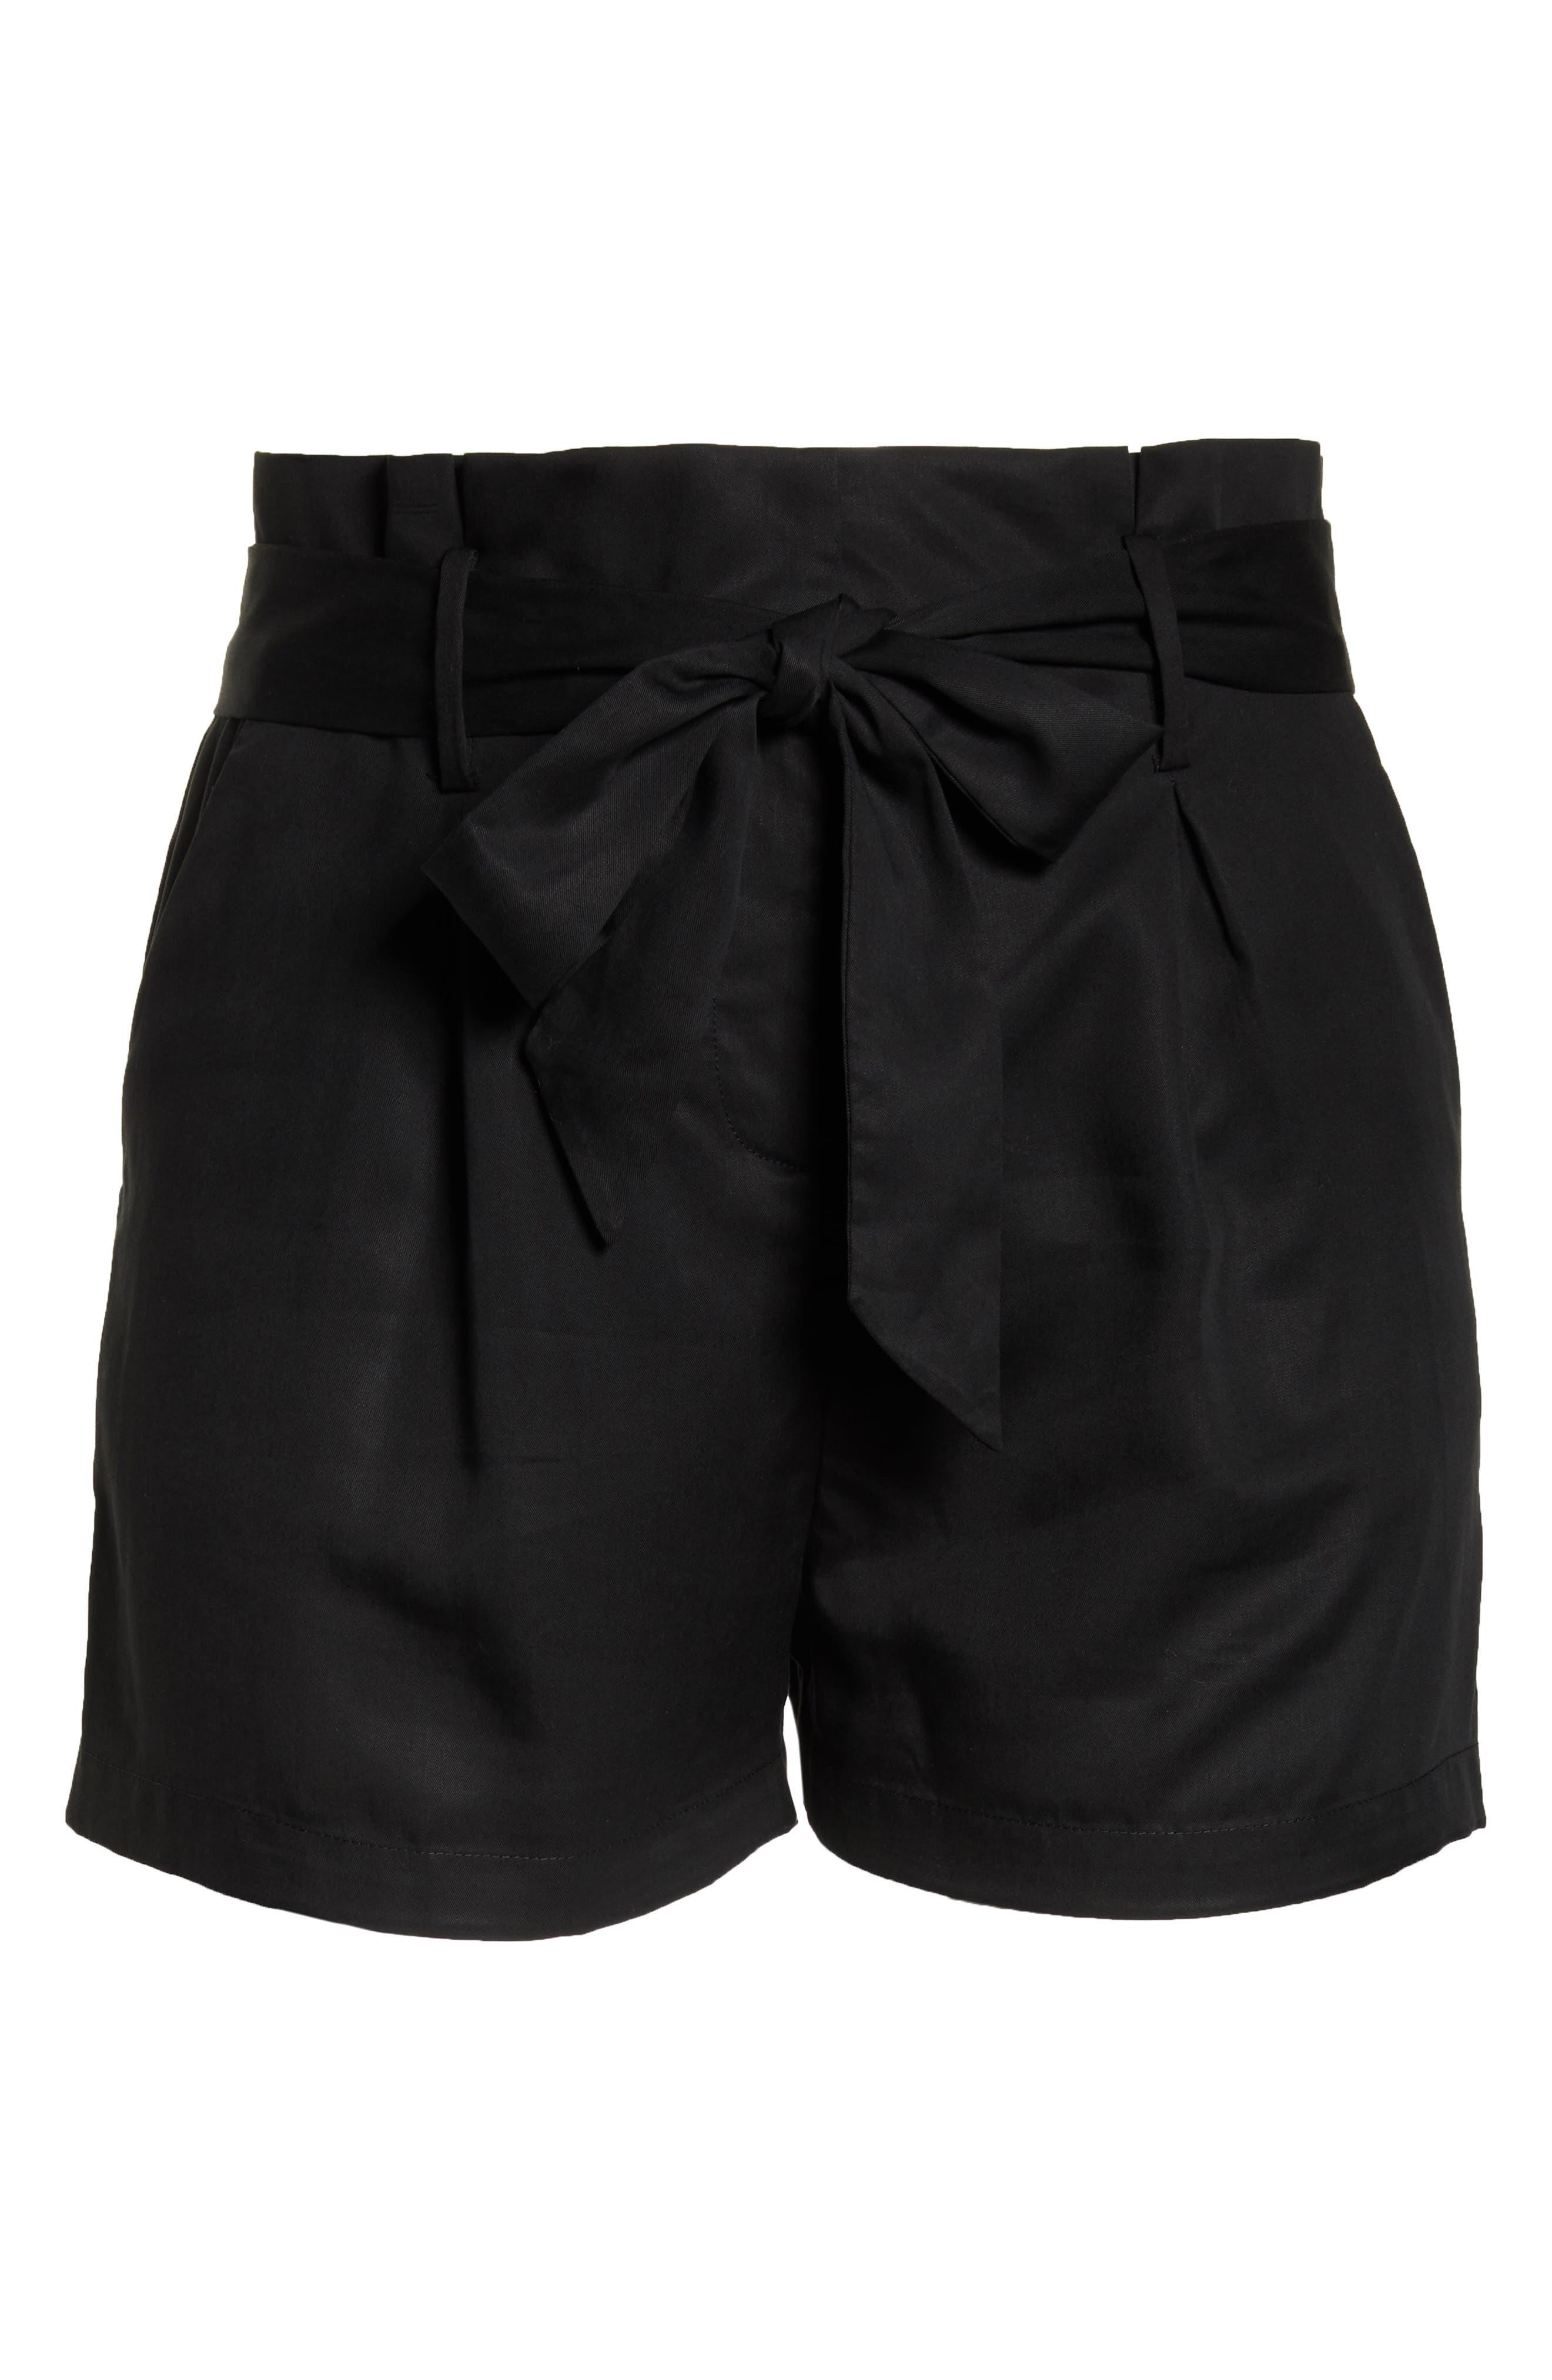 Tie Front Shorts,                             Alternate thumbnail 12, color,                             BLACK